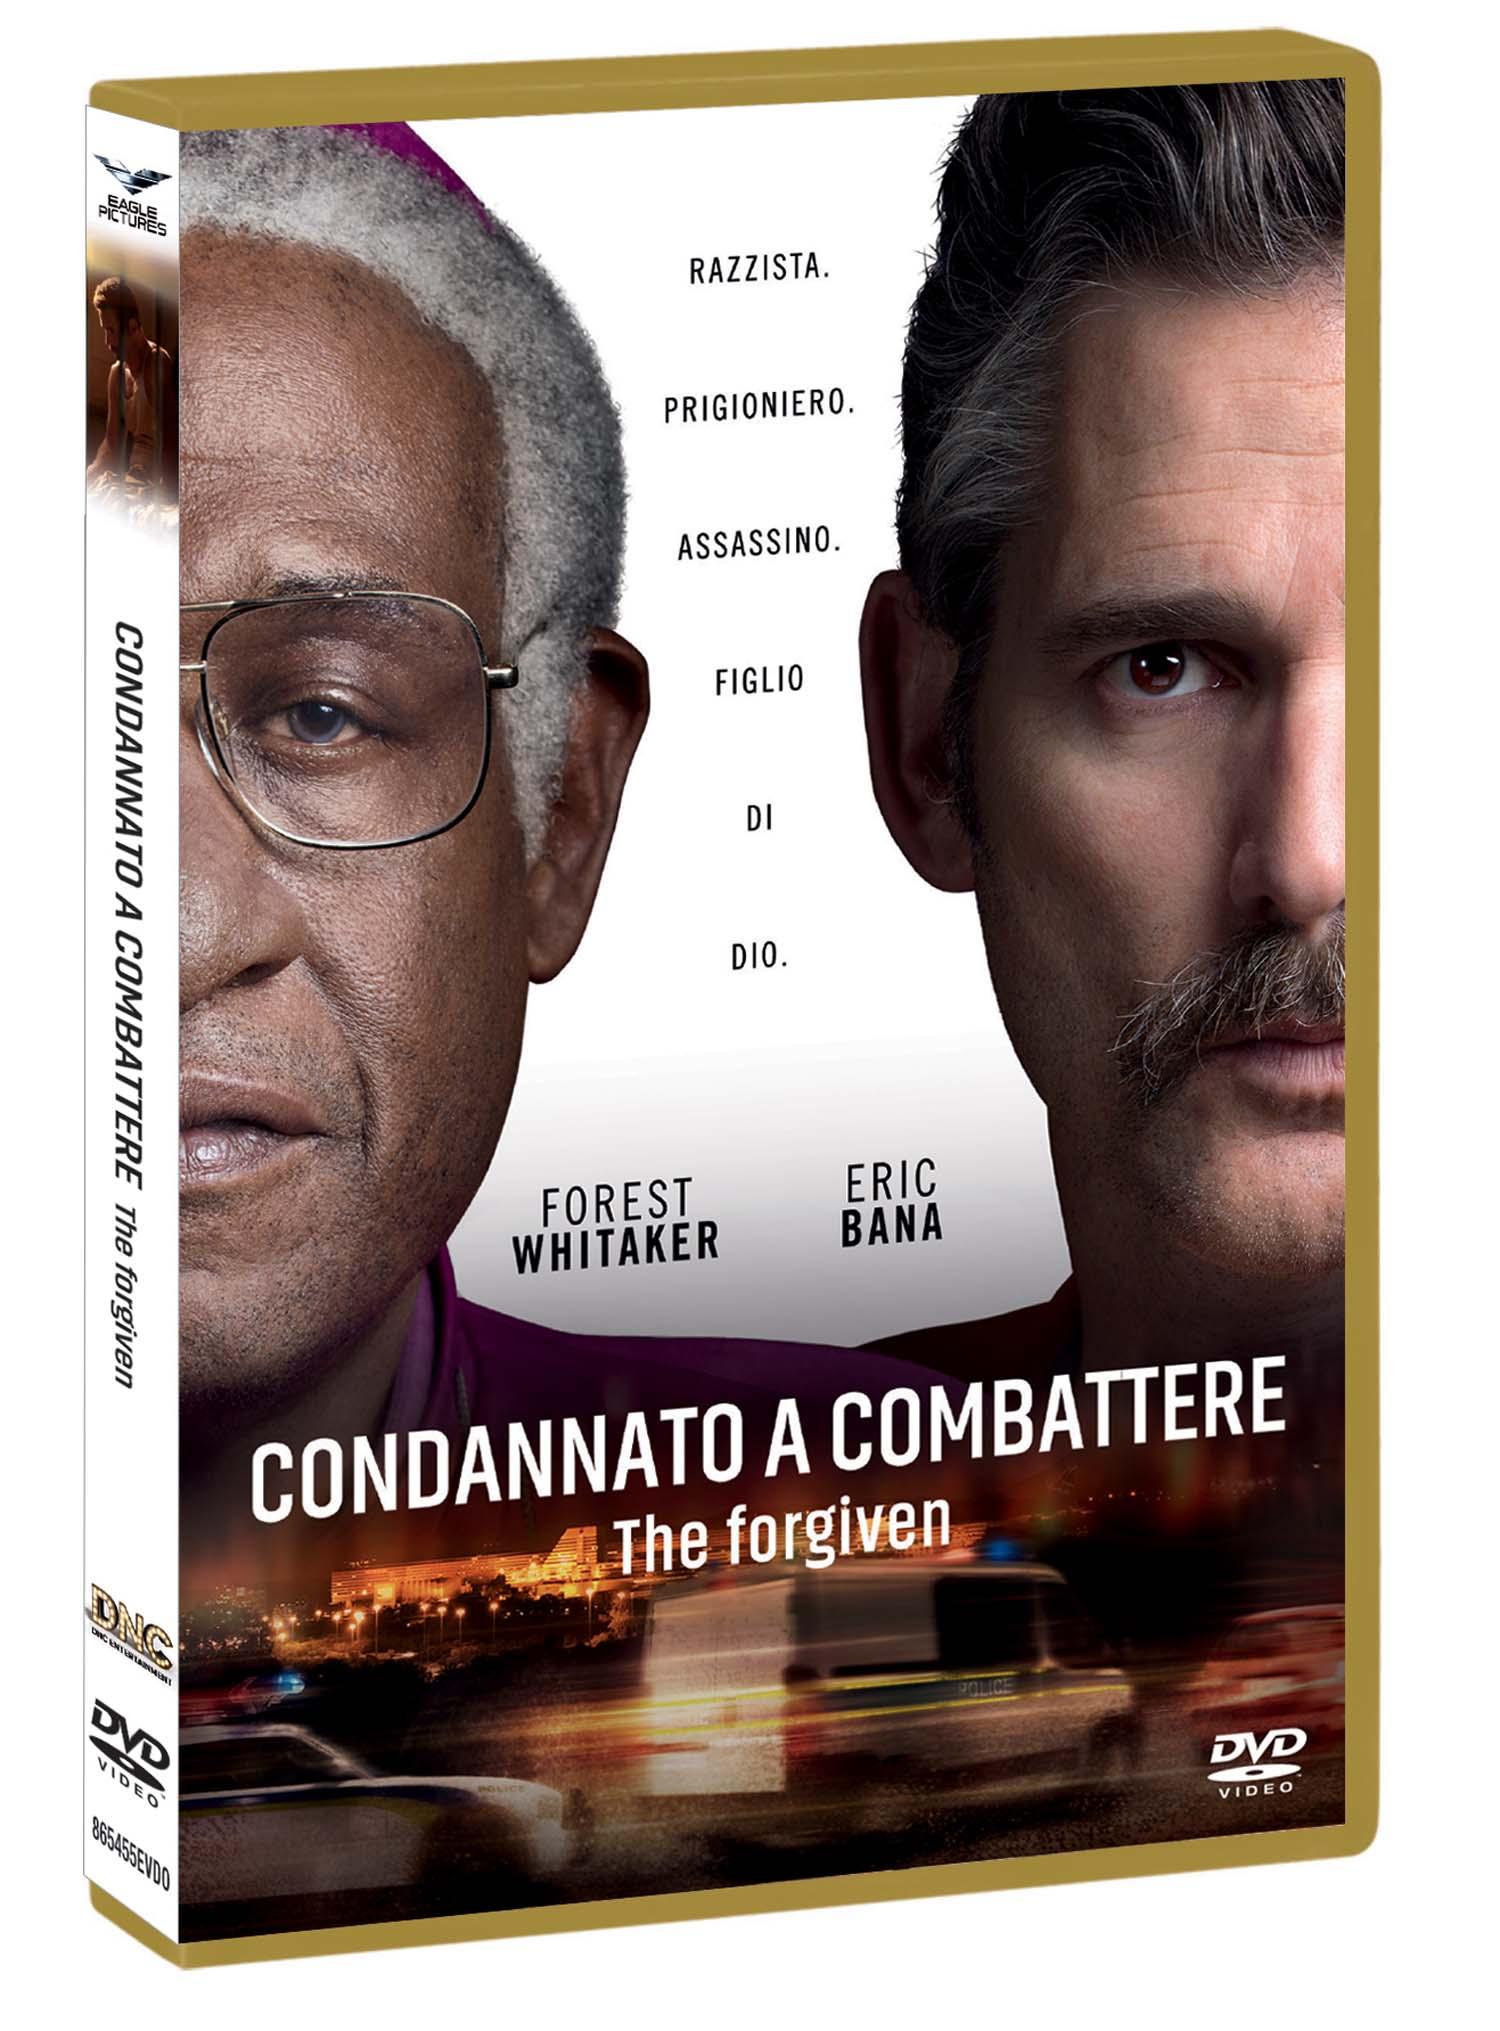 THE FORGIVEN - CONDANNATO A COMBATTERE (DVD)